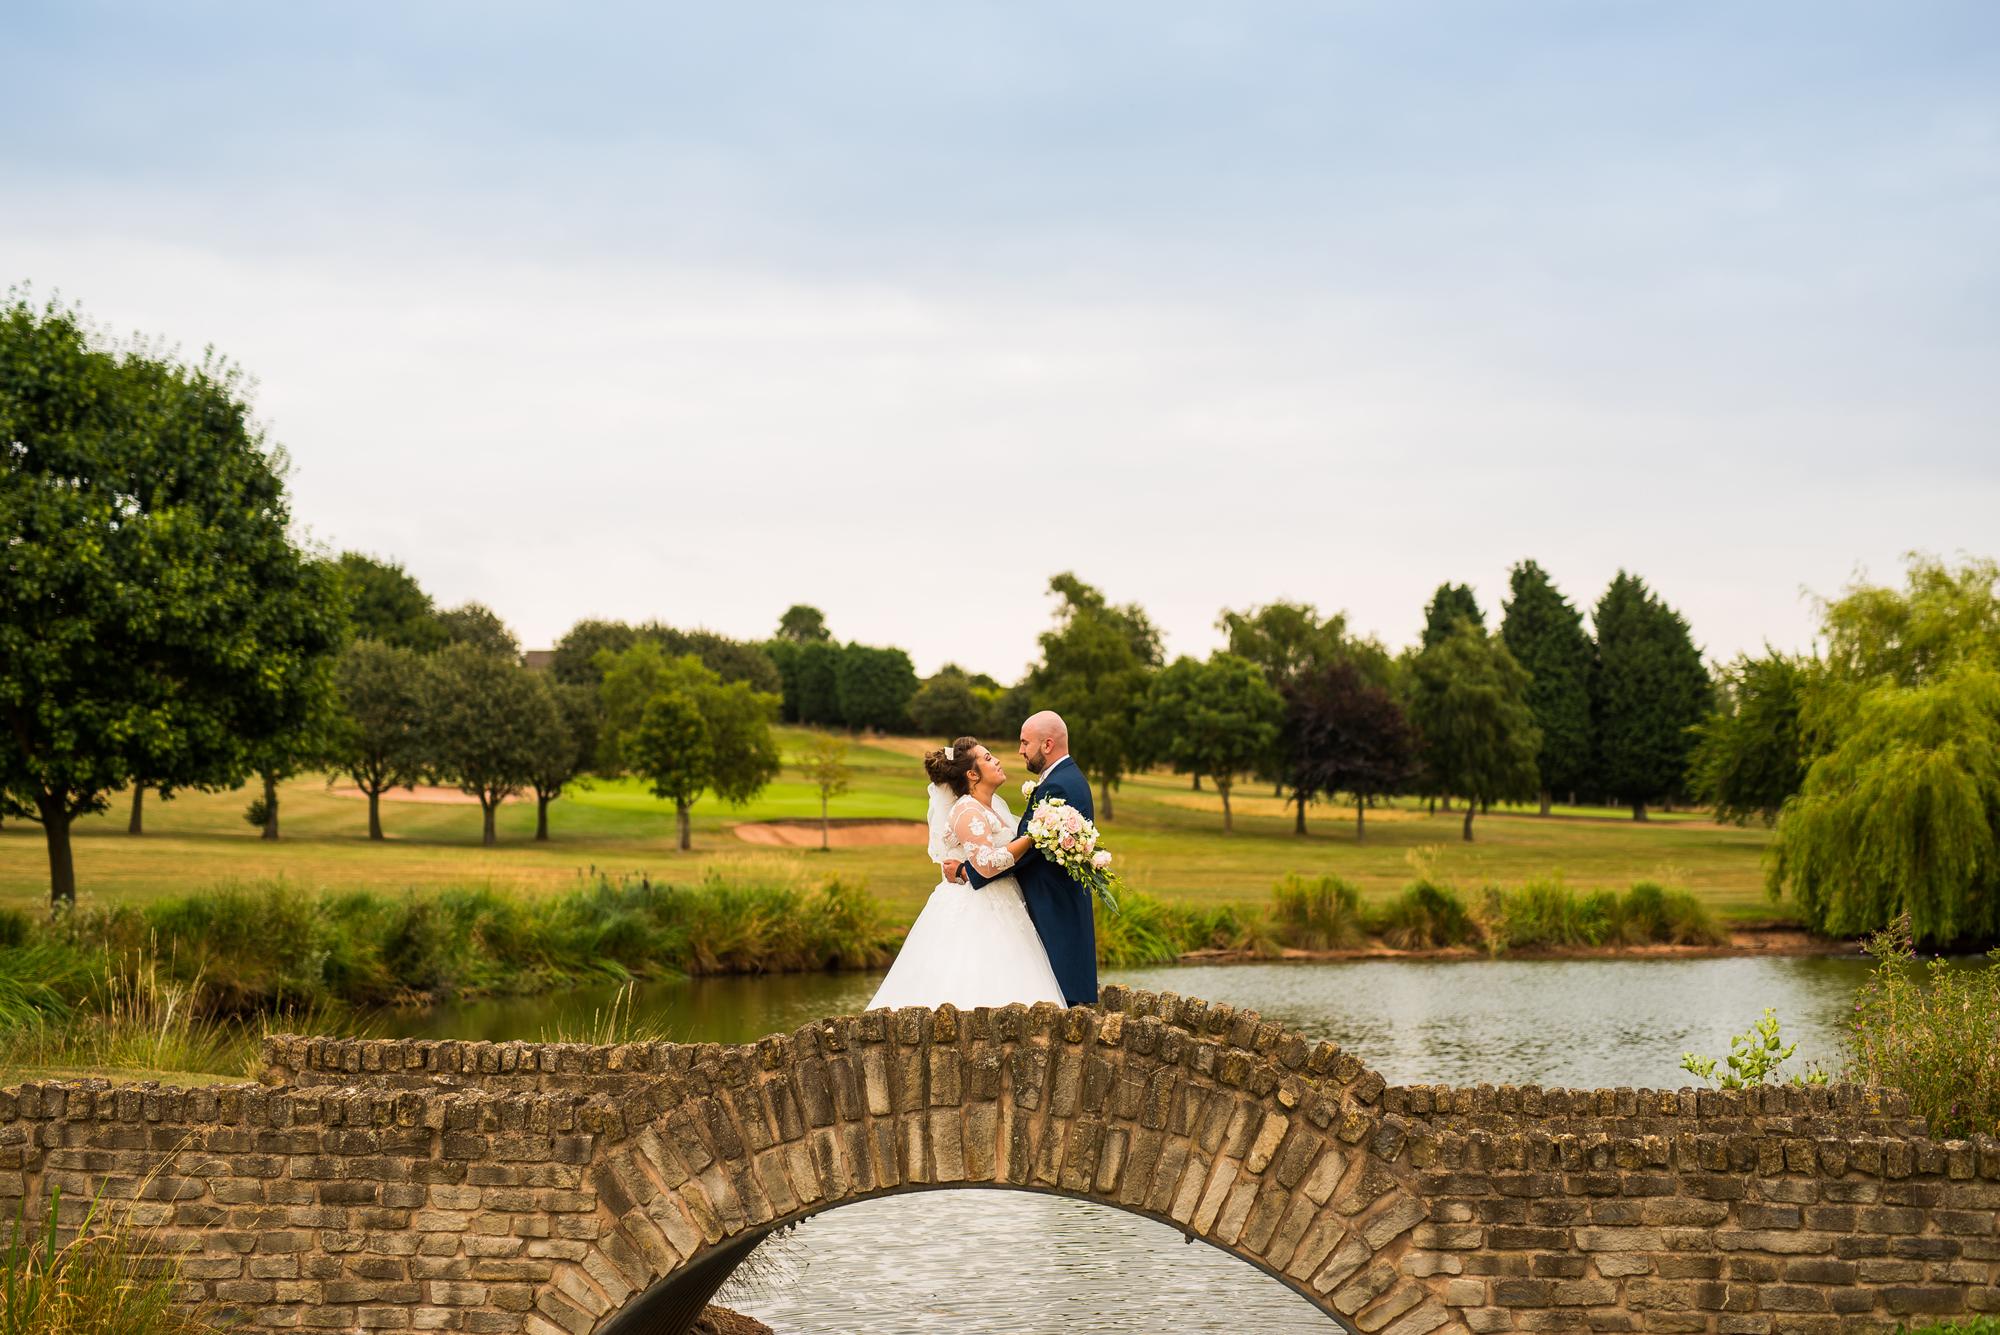 Roise and John wedding photos (311 of 383).jpg